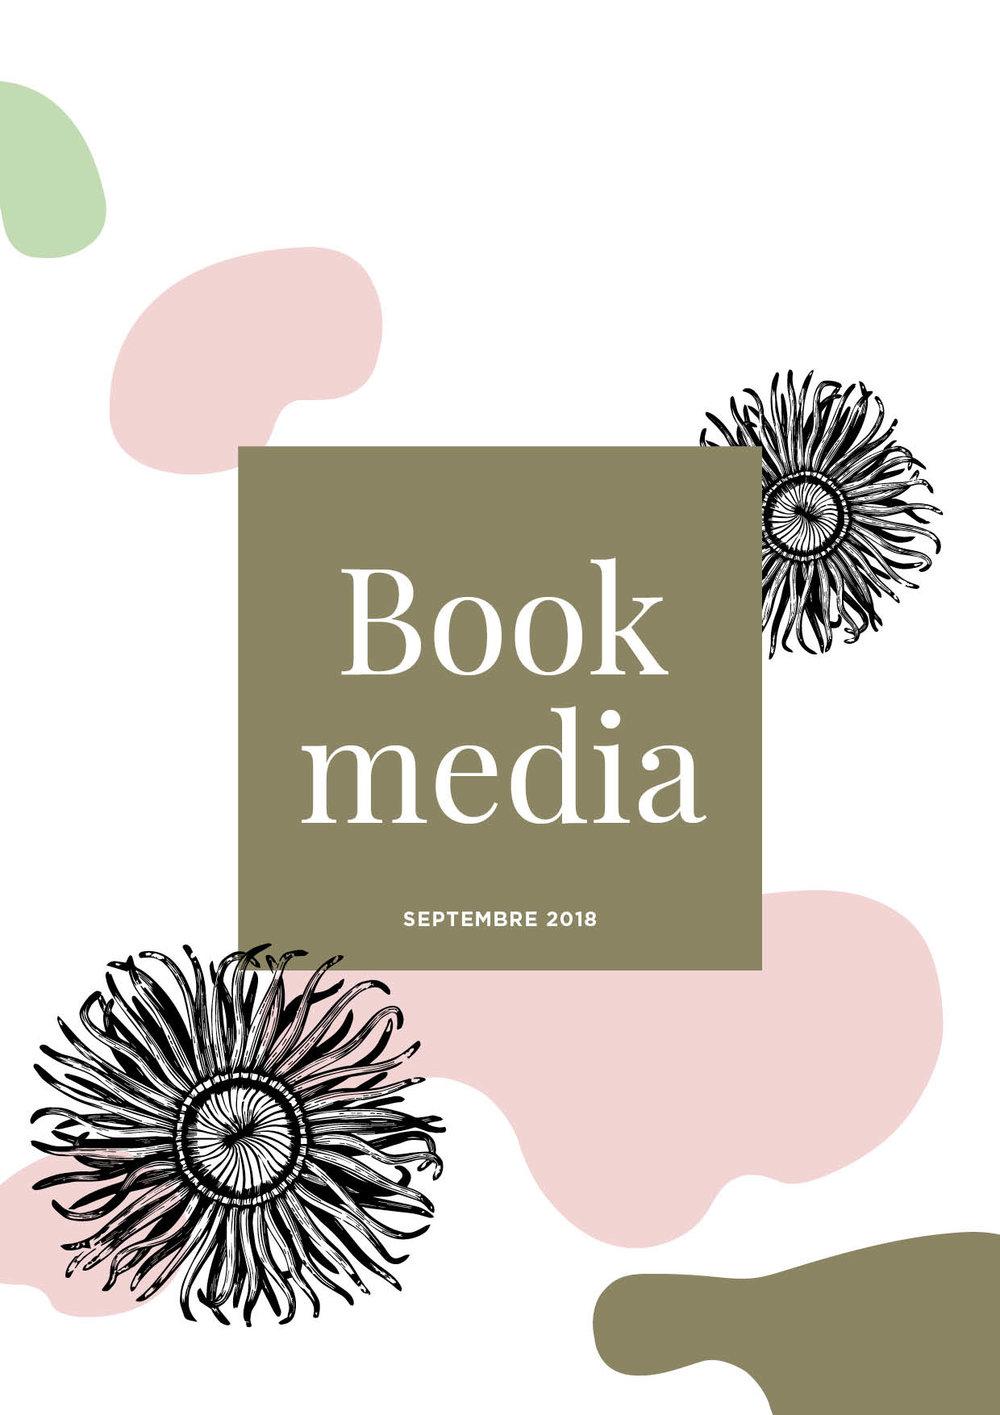 BOOKMEDIA_SEPT.jpg